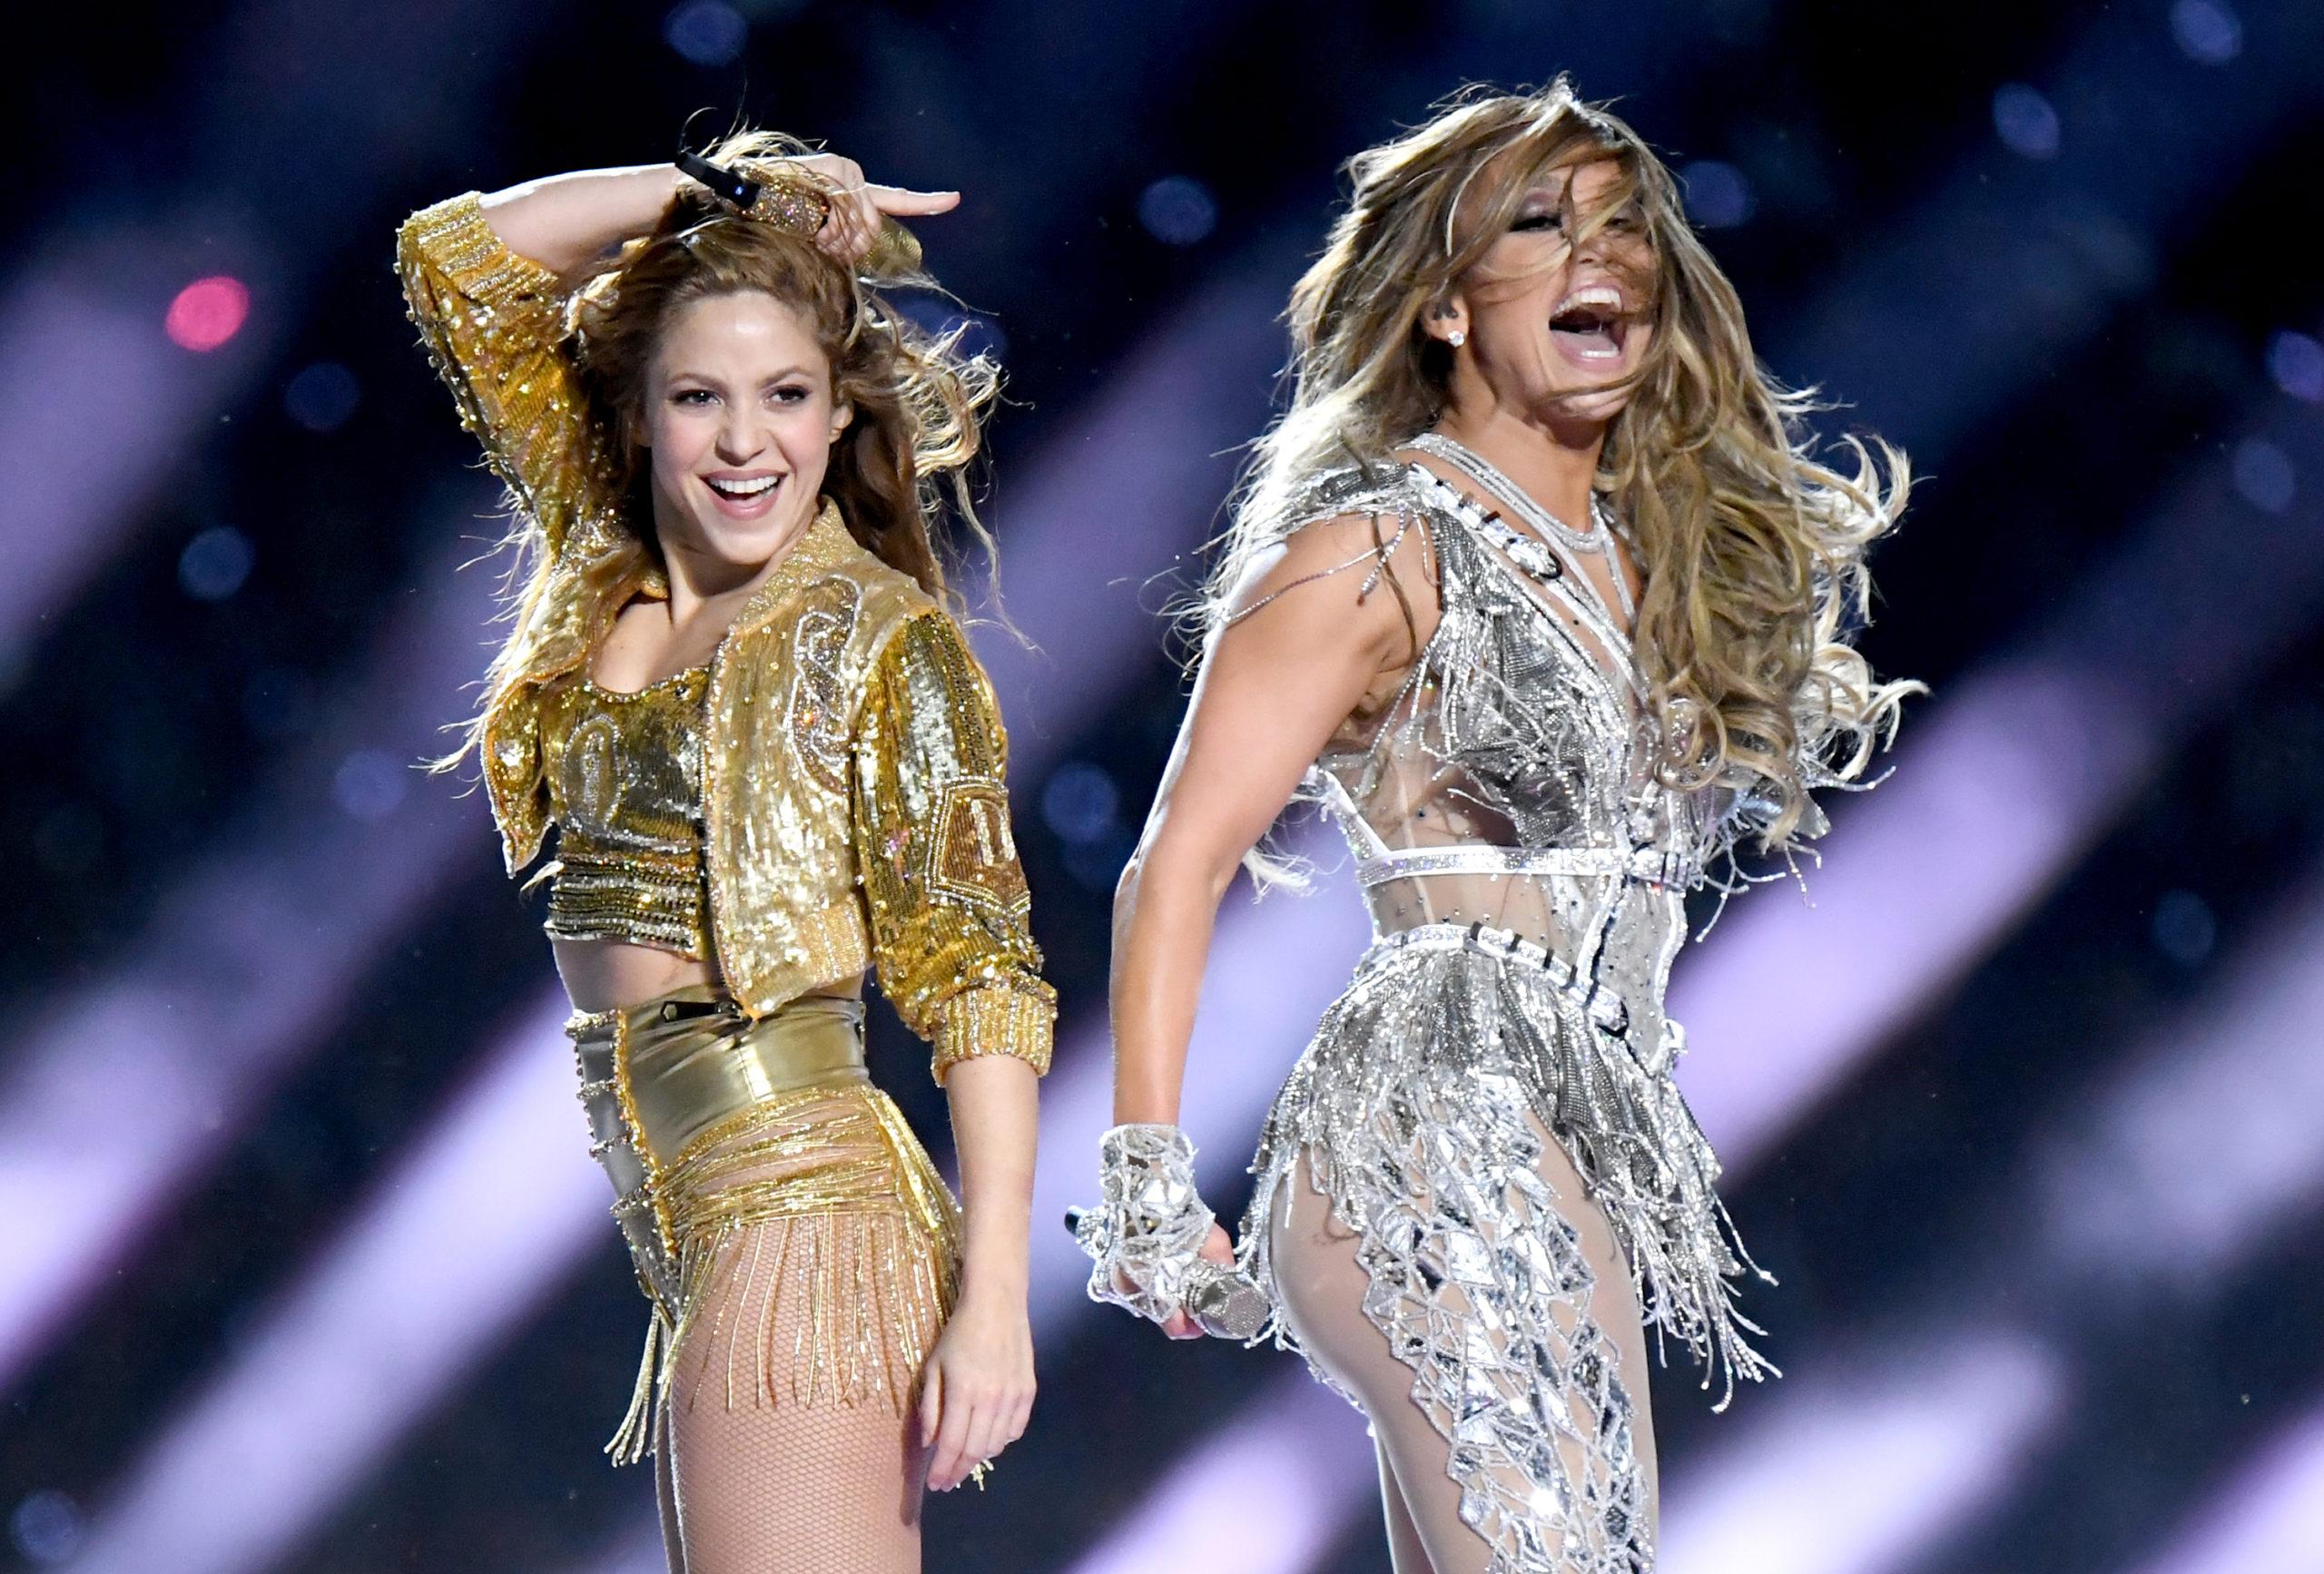 Zobacz spektakularny występ Shakiry i Jennifer Lopez podczas Super Bowl 2020!